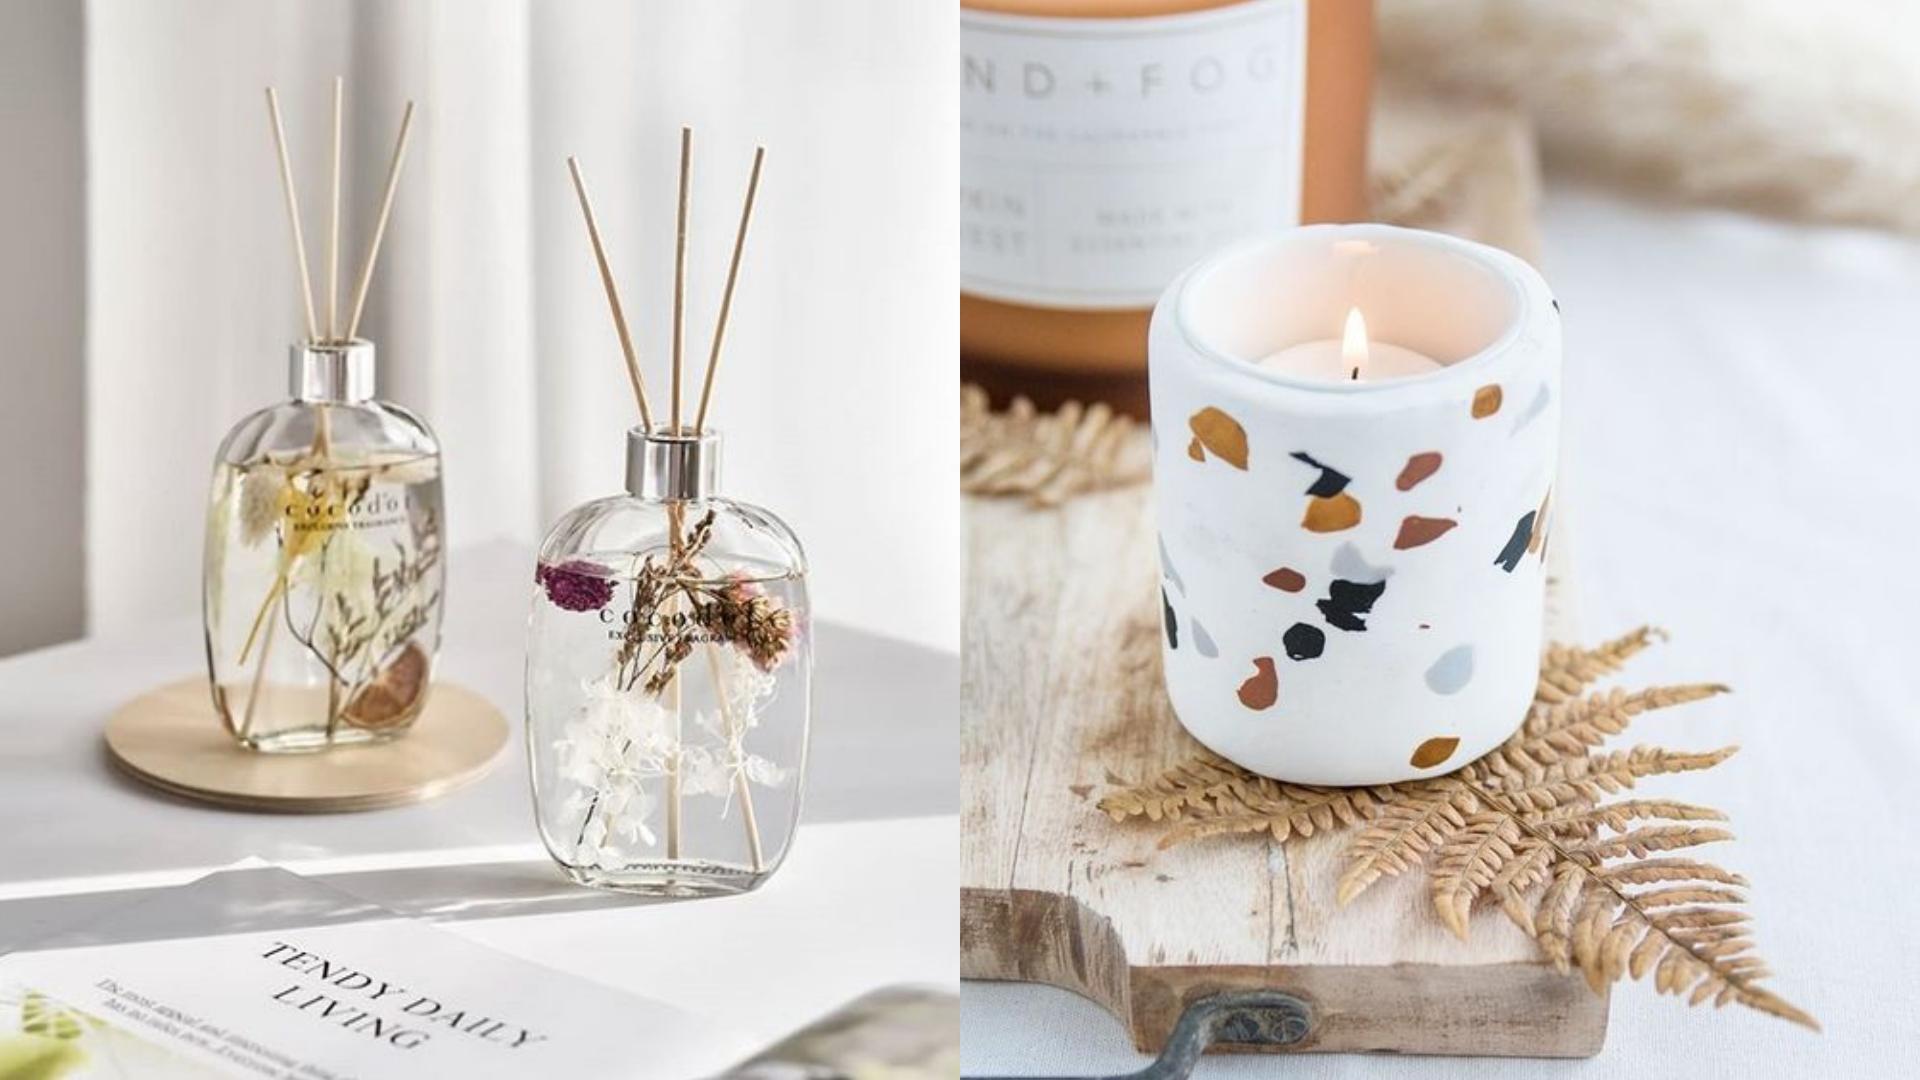 使用正確的方法,能夠延長香氛產品的使用壽命。